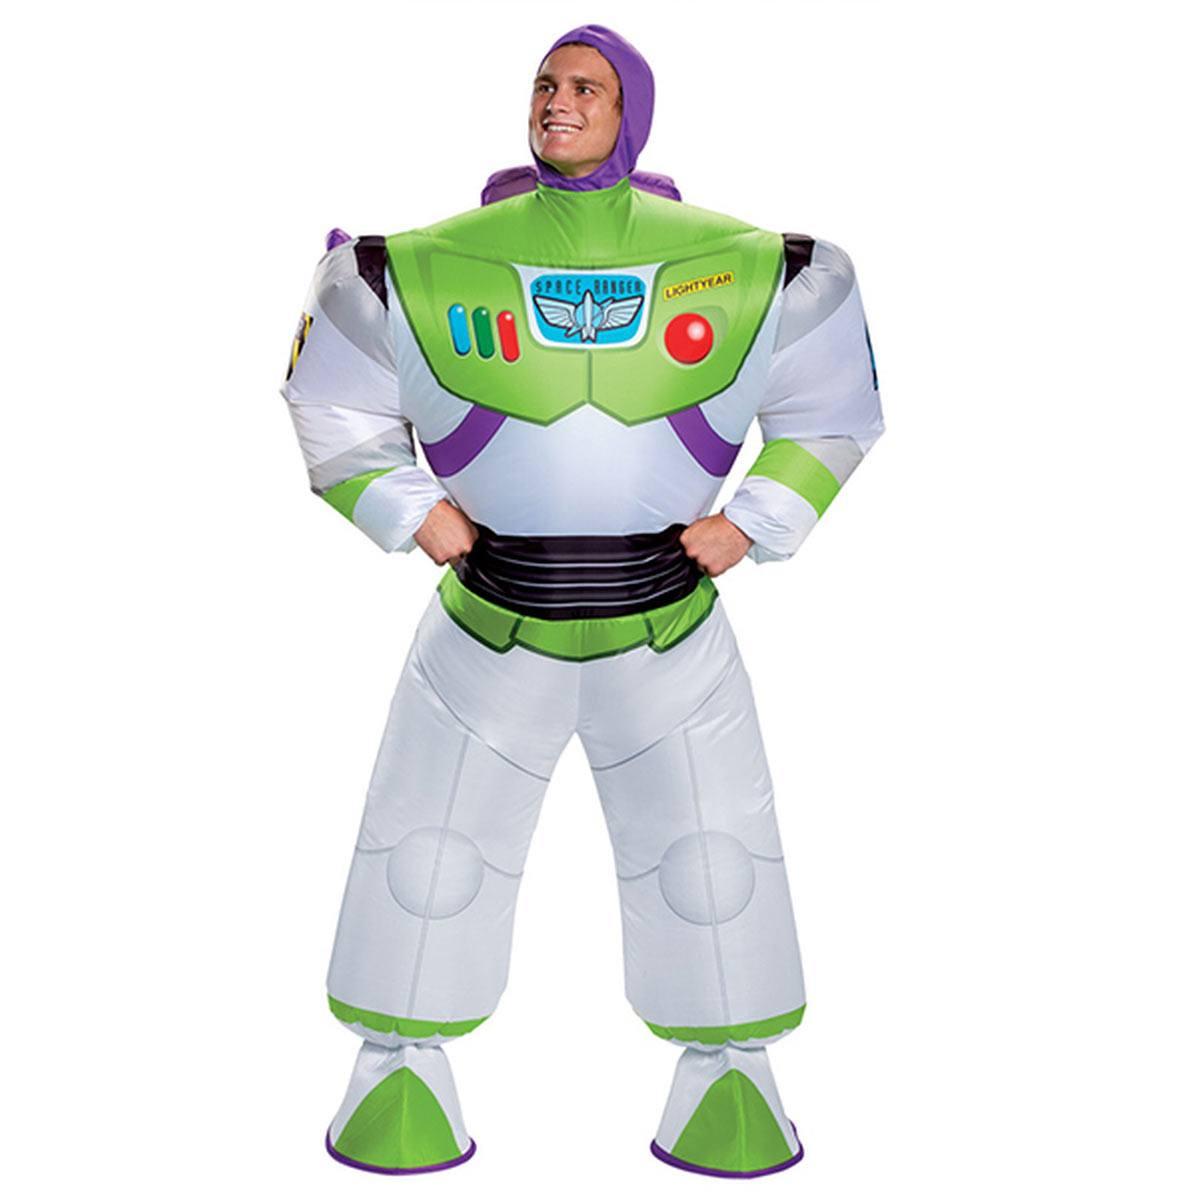 トイストーリー4 バズライトイヤー 仮装 大人用 衣装 コスプレ ハロウィン ディズニー Disney Toy Story 4